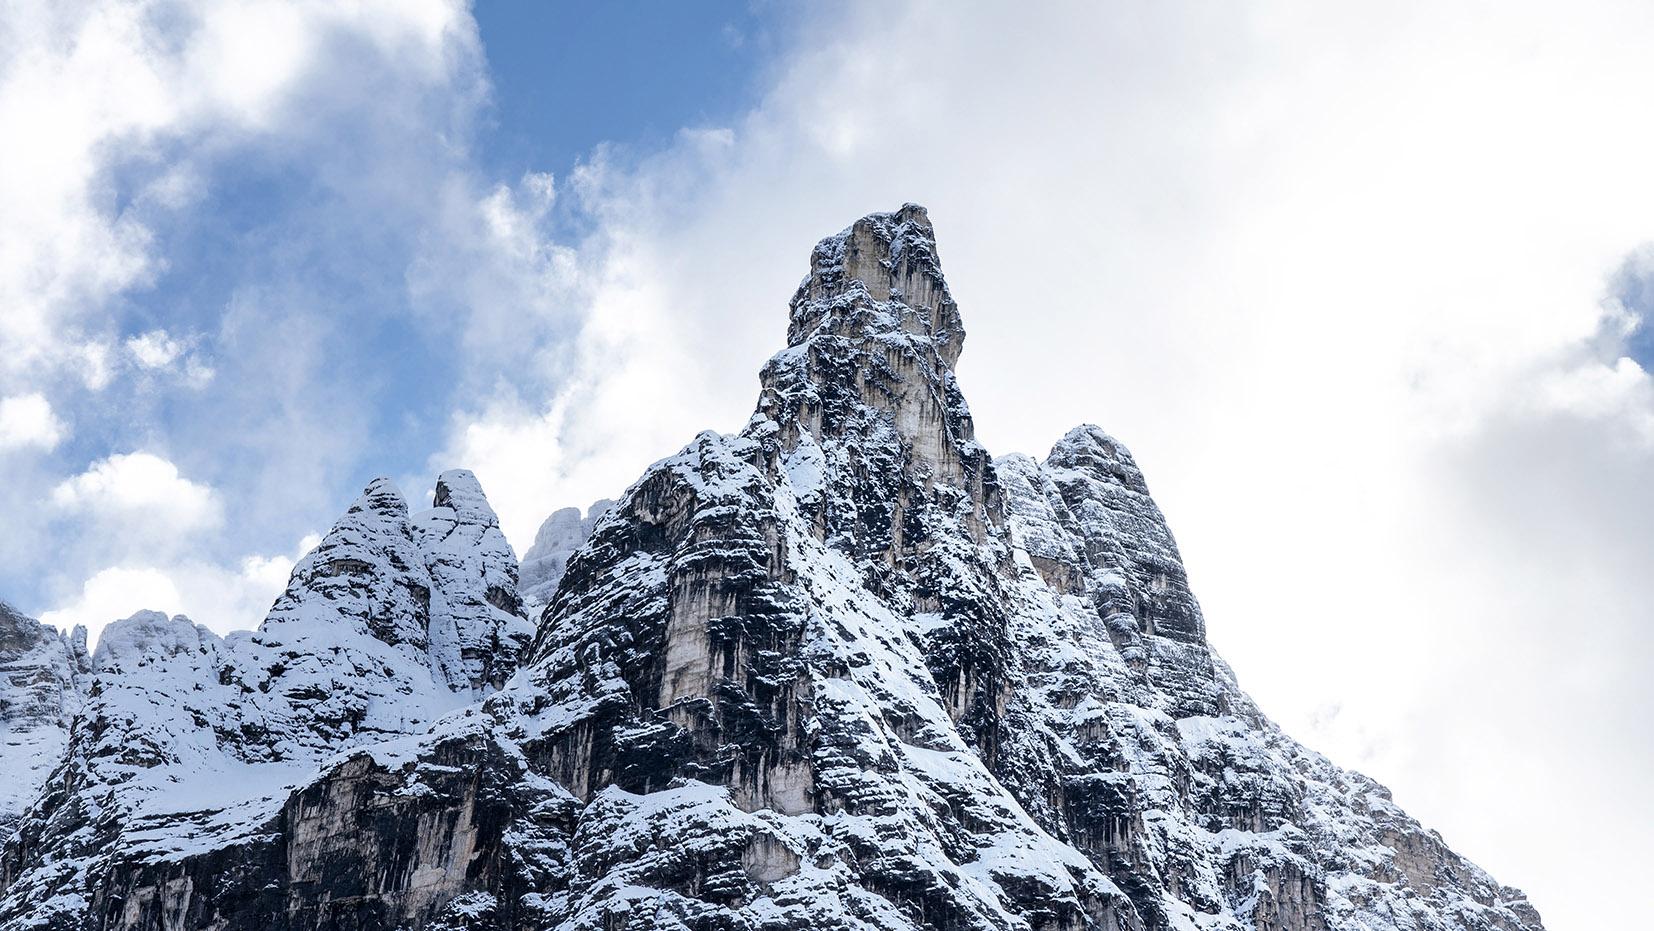 Montagnes cimes roche neige